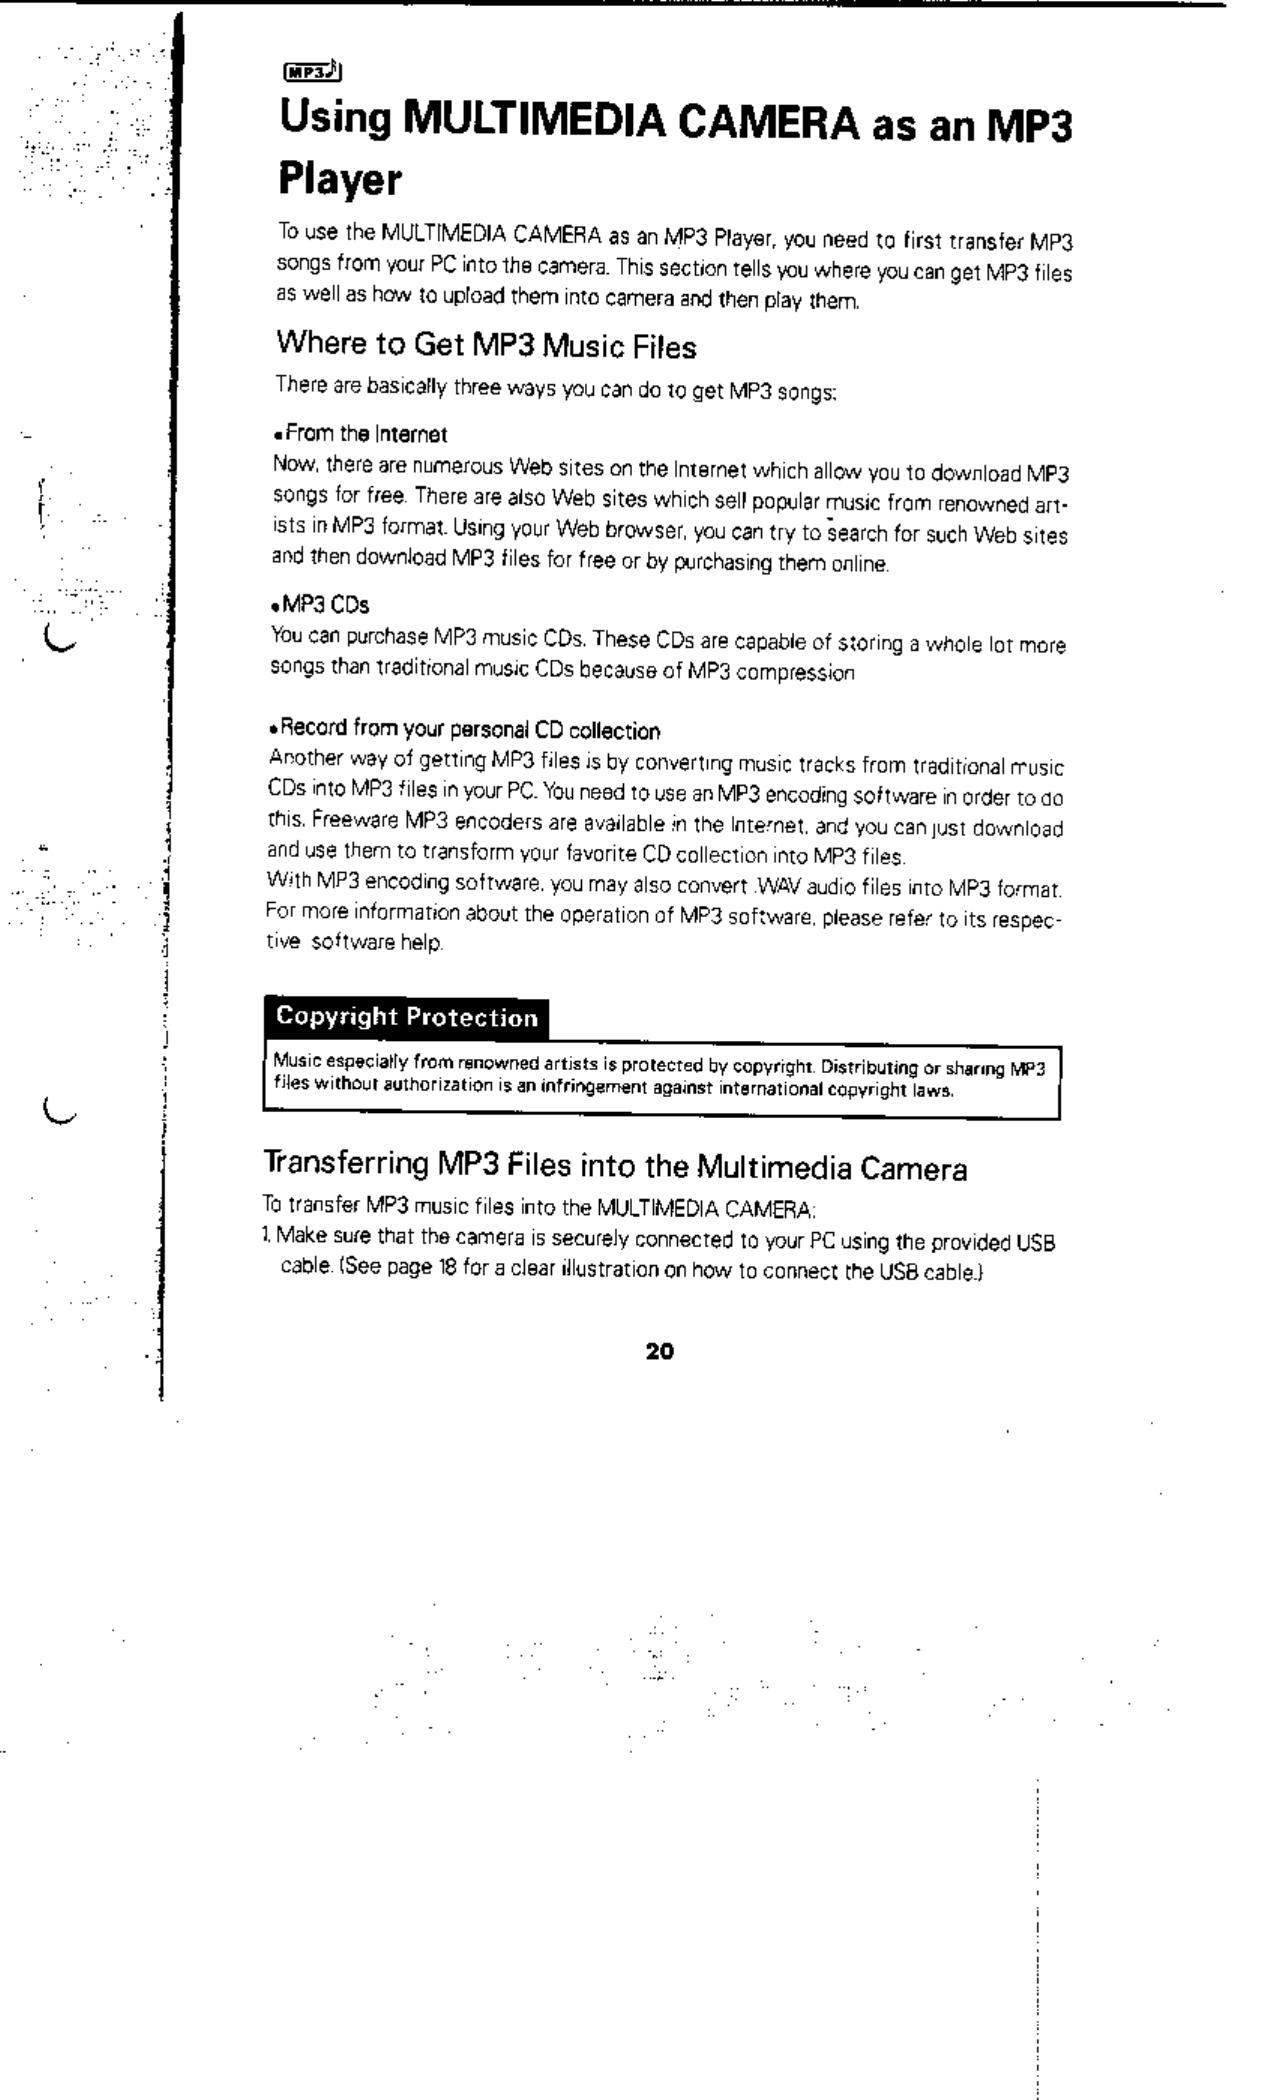 Premier Camera 00530126 Digital Camera User Manual users manual